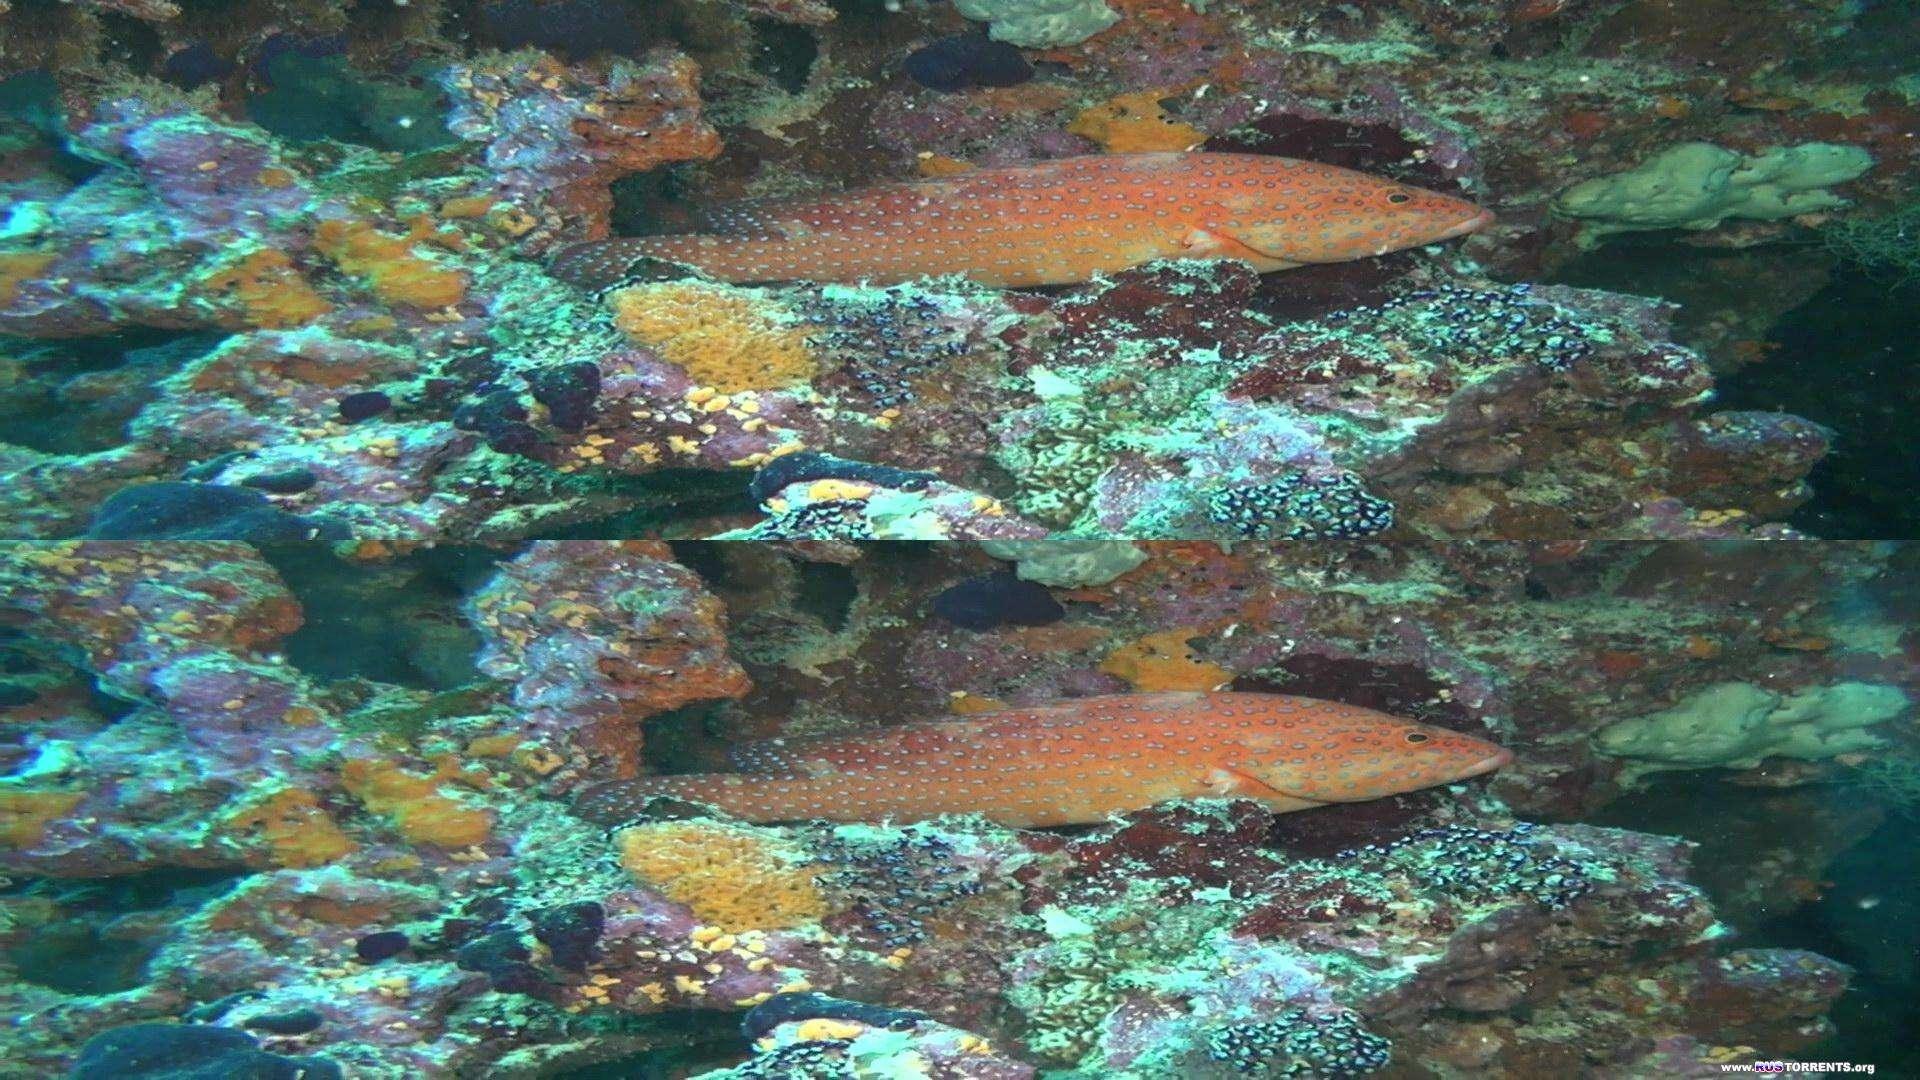 Коралловый риф - Том 2: Таинственный мир под водой 3D | BDRip 1080p | 3D-Video HOU